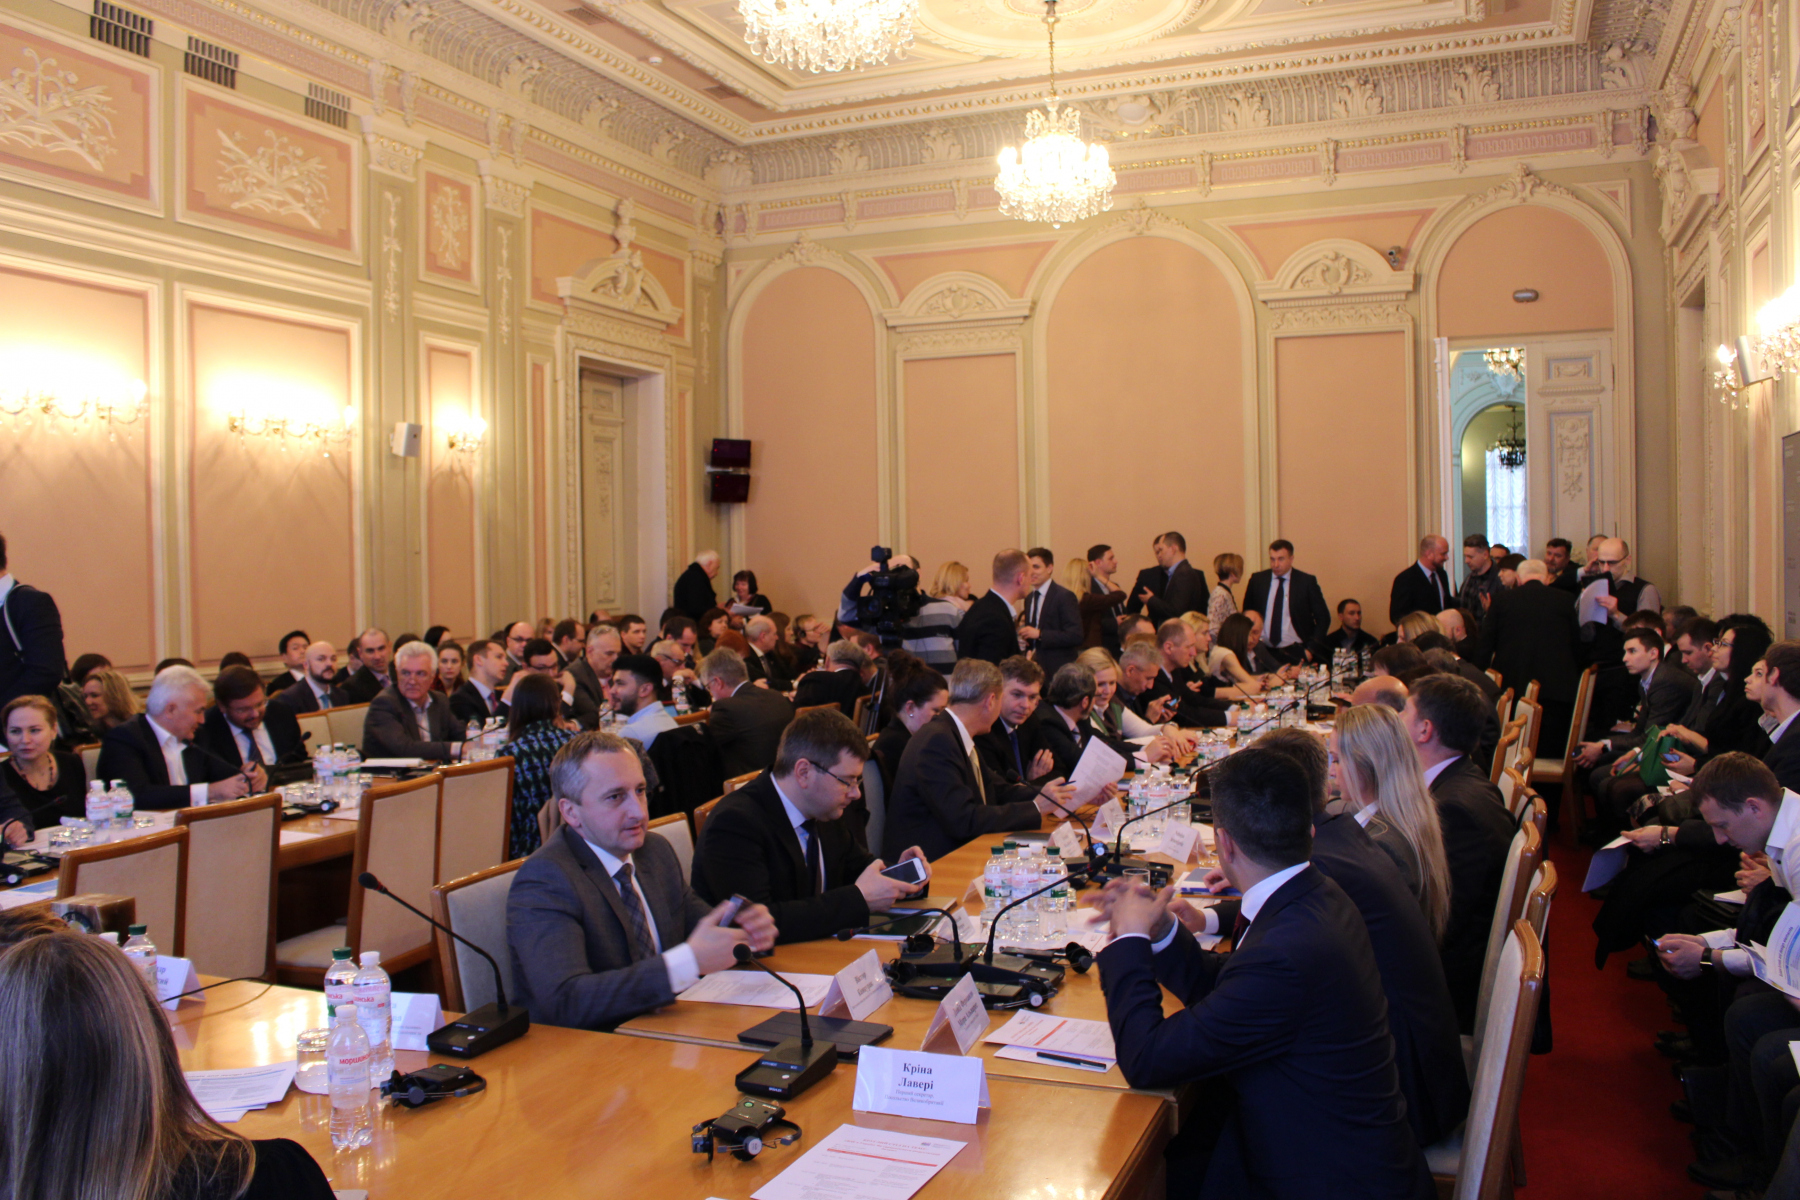 Круглий стіл «ВДЕ в Україні. Як гармонізувати енергетичний баланс» (17.03.17)